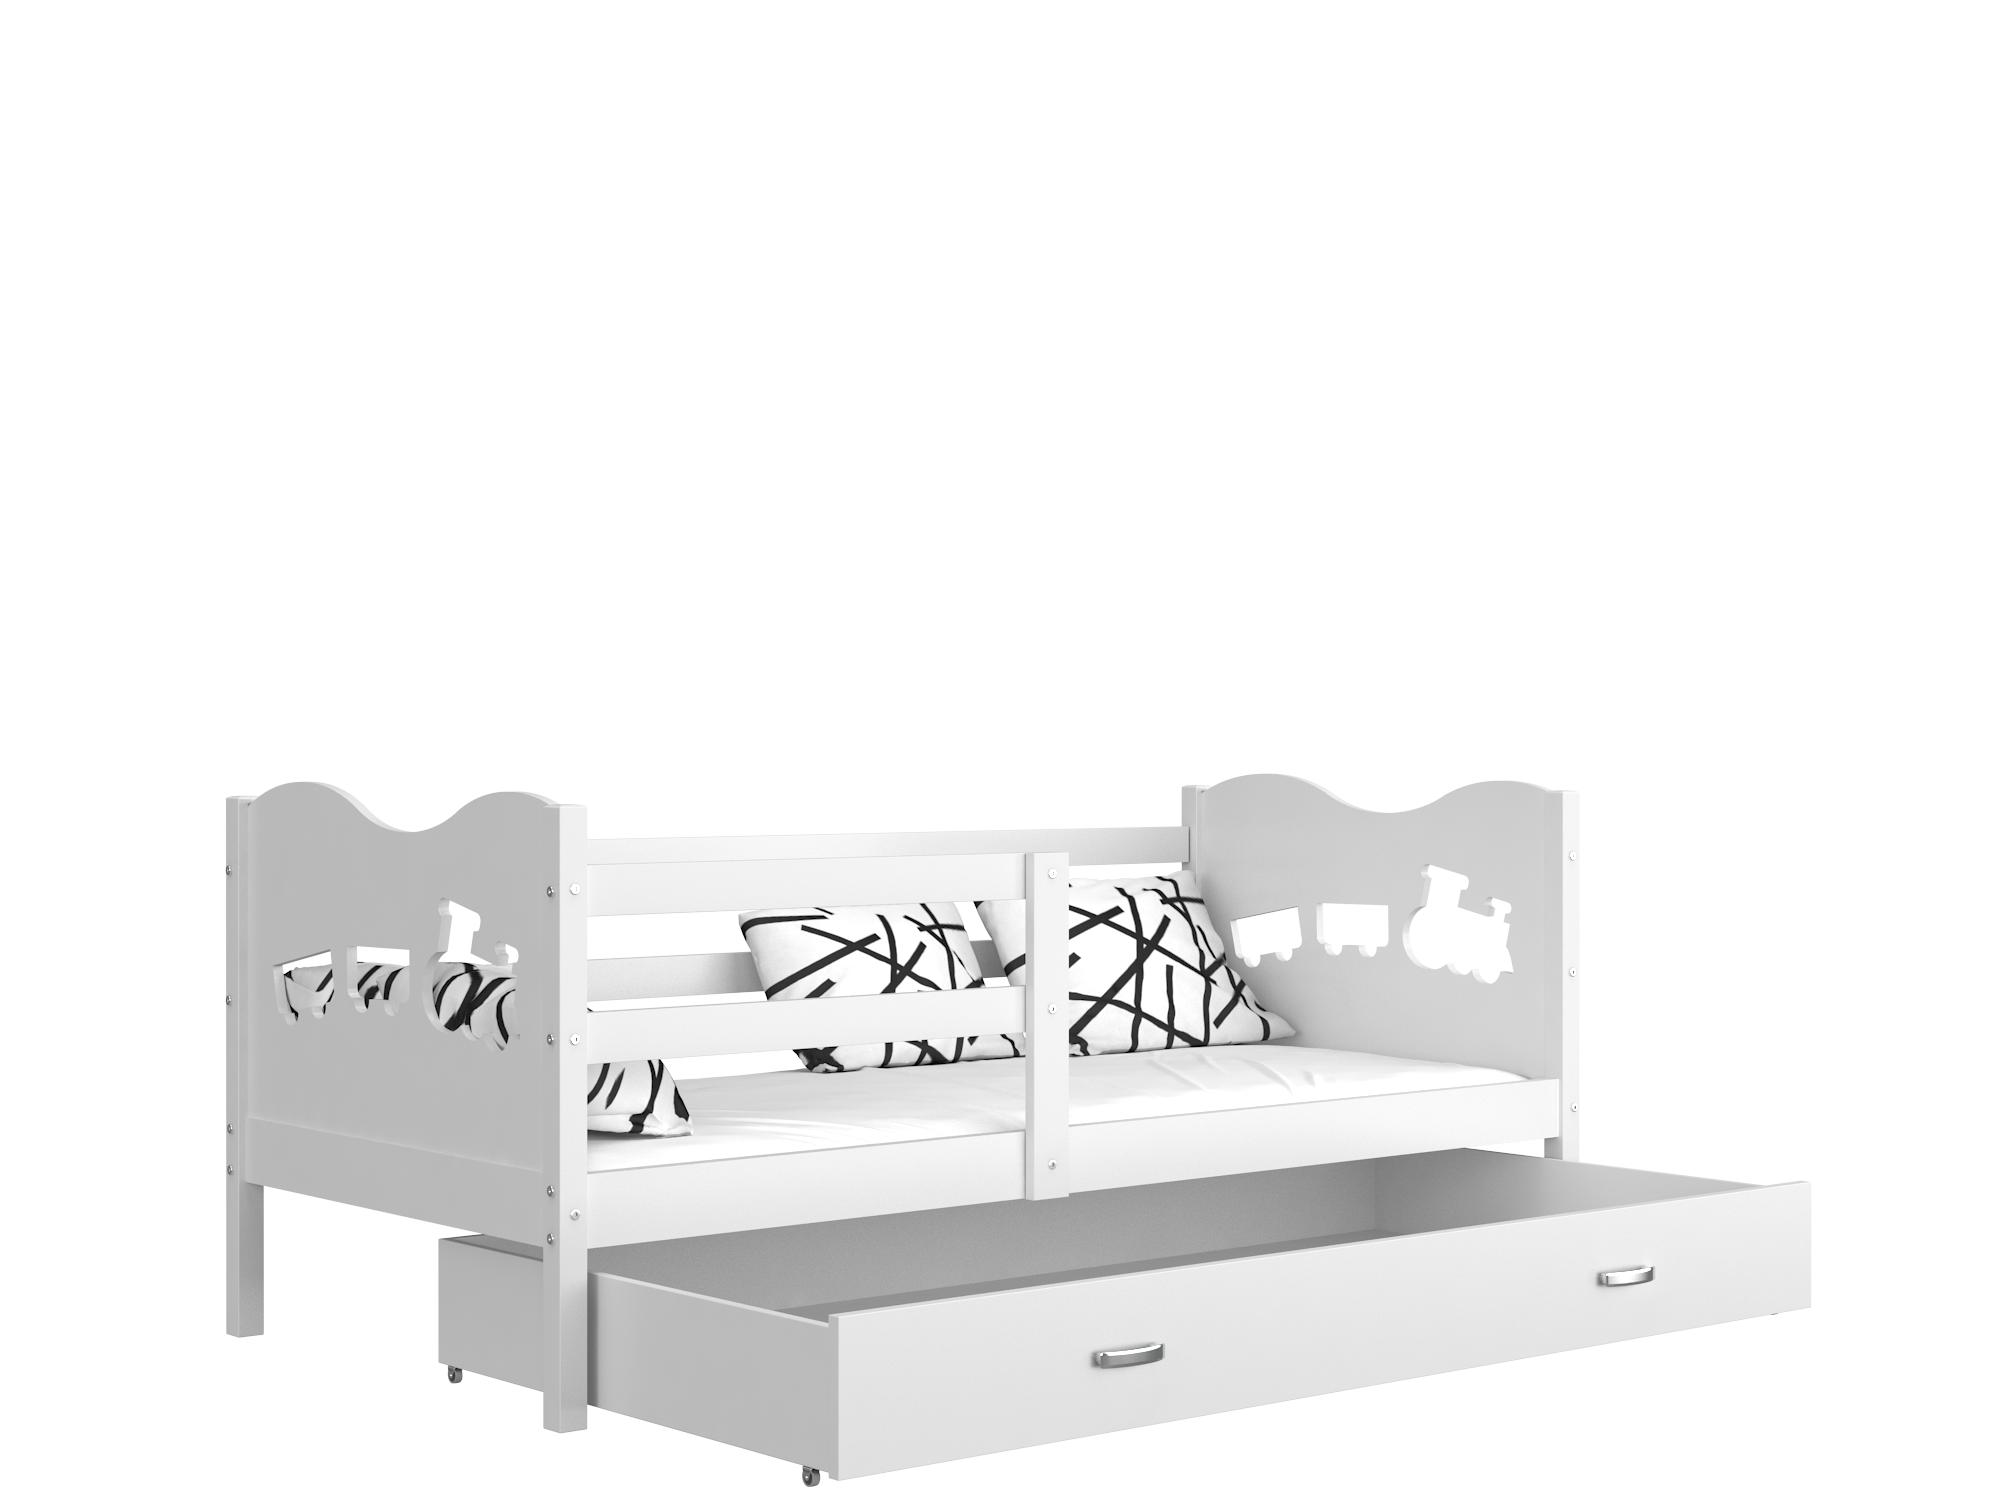 ArtAJ Detská posteľ Max P / MDF 190 x 80 cm Farba: Biela / biela 190 x 80 cm, Prevedenie: bez matraca